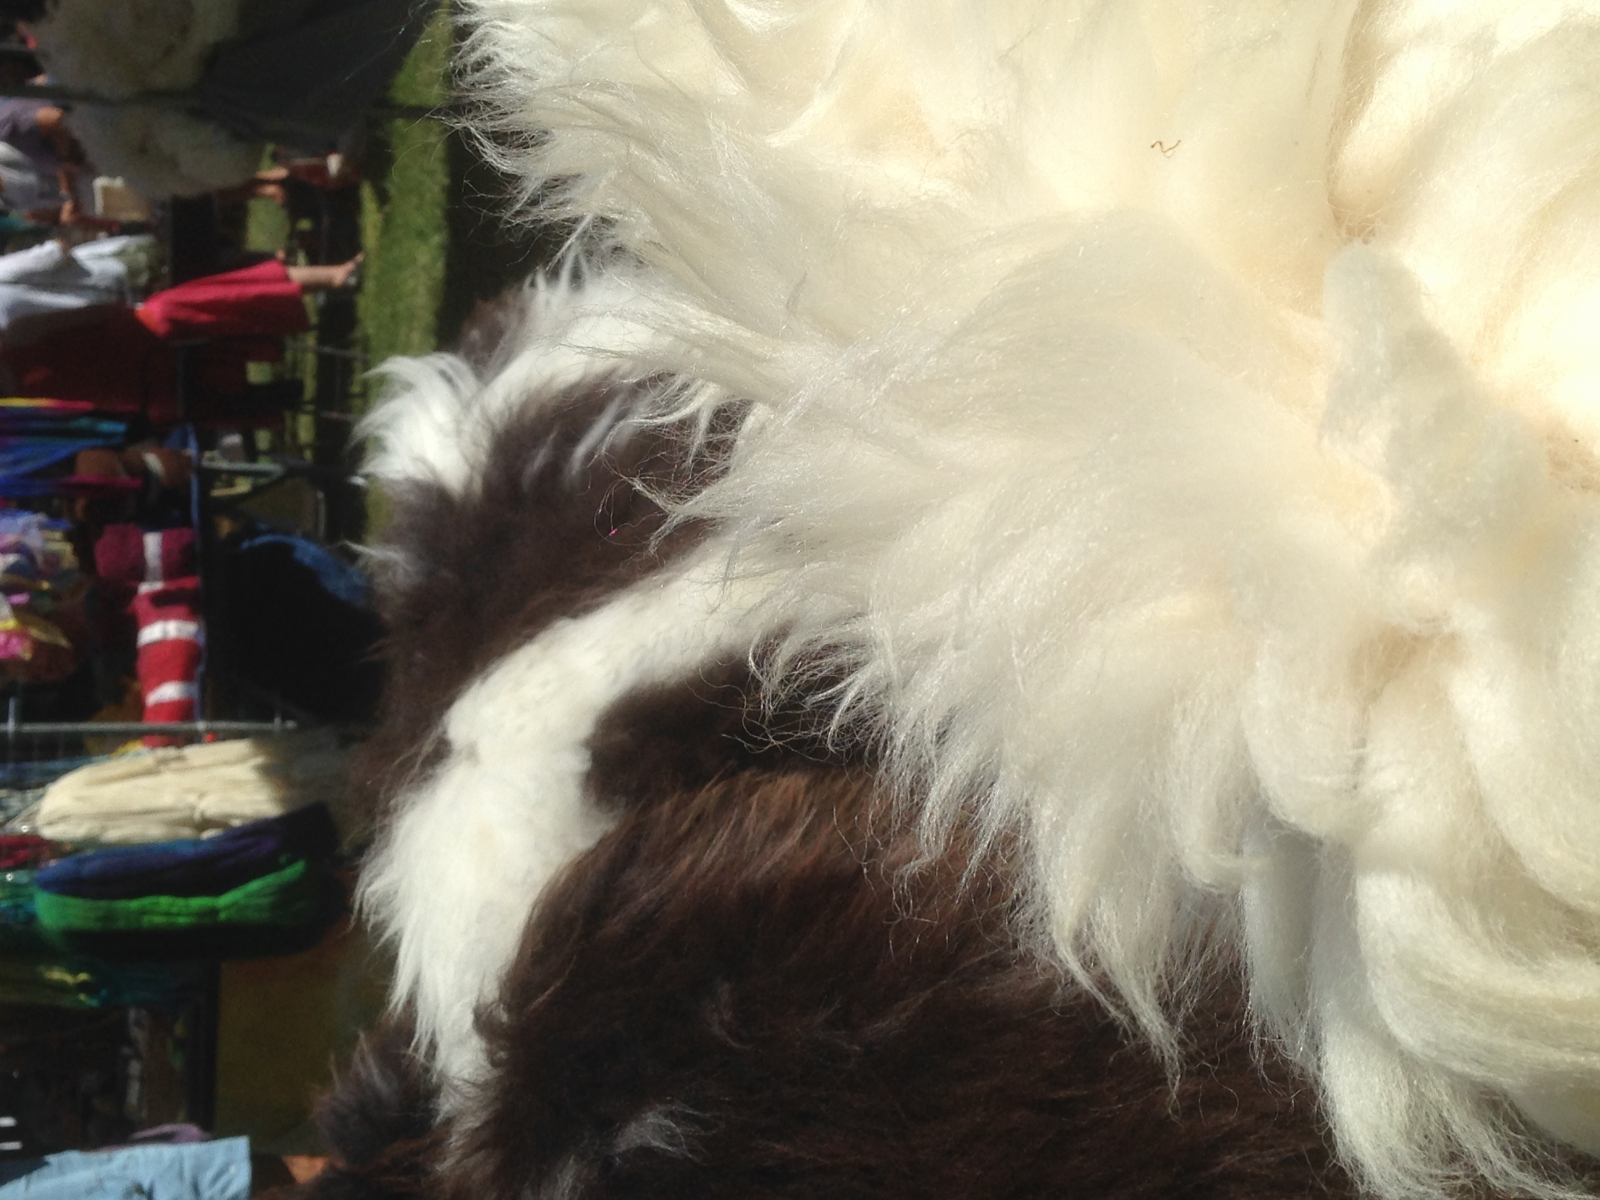 zaak 1313368 - wolfestival orvelte-gevilte vachten